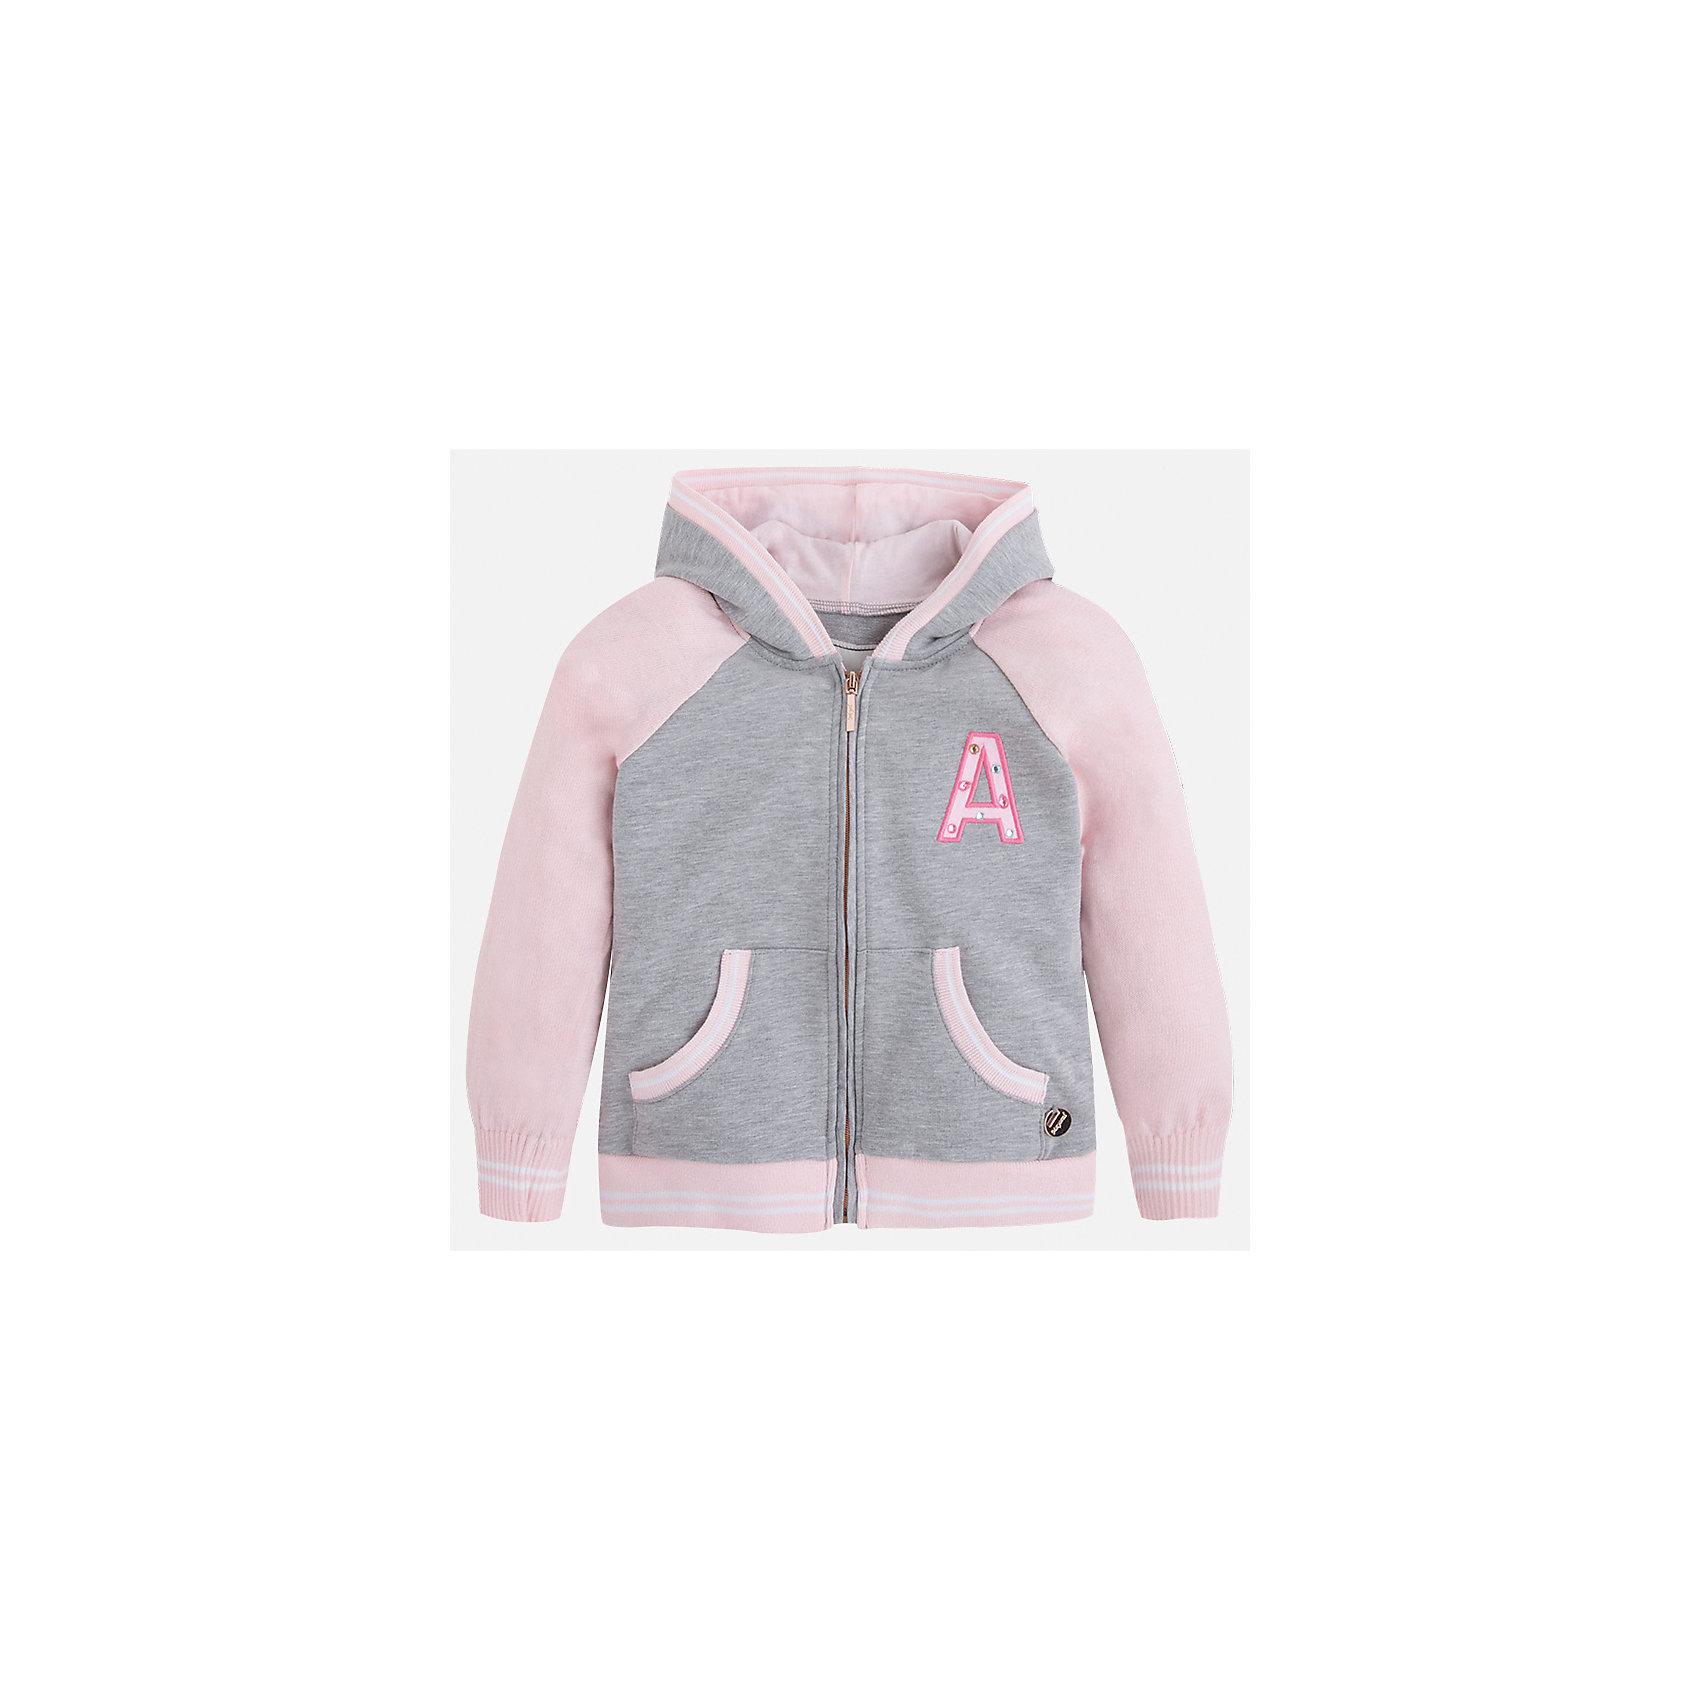 Куртка для девочки MayoralТолстовки<br>Характеристики товара:<br><br>• цвет: розовый/серый<br>• состав: 58% хлопок, 40% полиэстер, 2% эластан<br>• застежка: молния<br>• карманы<br>• с длинными рукавами <br>• капюшон<br>• украшена вышивкой<br>• страна бренда: Испания<br><br>Стильная куртка для девочки поможет разнообразить гардероб ребенка и обеспечить тепло в прохладную погоду. Она отлично сочетается и с юбками, и с брюками. Красивый цвет позволяет подобрать к вещи низ различных расцветок. Интересная отделка модели делает её нарядной и стильной. Оригинальной и модной куртку делает крой.<br><br>Одежда, обувь и аксессуары от испанского бренда Mayoral полюбились детям и взрослым по всему миру. Модели этой марки - стильные и удобные. Для их производства используются только безопасные, качественные материалы и фурнитура. Порадуйте ребенка модными и красивыми вещами от Mayoral! <br><br>Куртку для девочки от испанского бренда Mayoral (Майорал) можно купить в нашем интернет-магазине.<br><br>Ширина мм: 356<br>Глубина мм: 10<br>Высота мм: 245<br>Вес г: 519<br>Цвет: розовый<br>Возраст от месяцев: 18<br>Возраст до месяцев: 24<br>Пол: Женский<br>Возраст: Детский<br>Размер: 92,134,98,104,110,116,122,128<br>SKU: 5290188